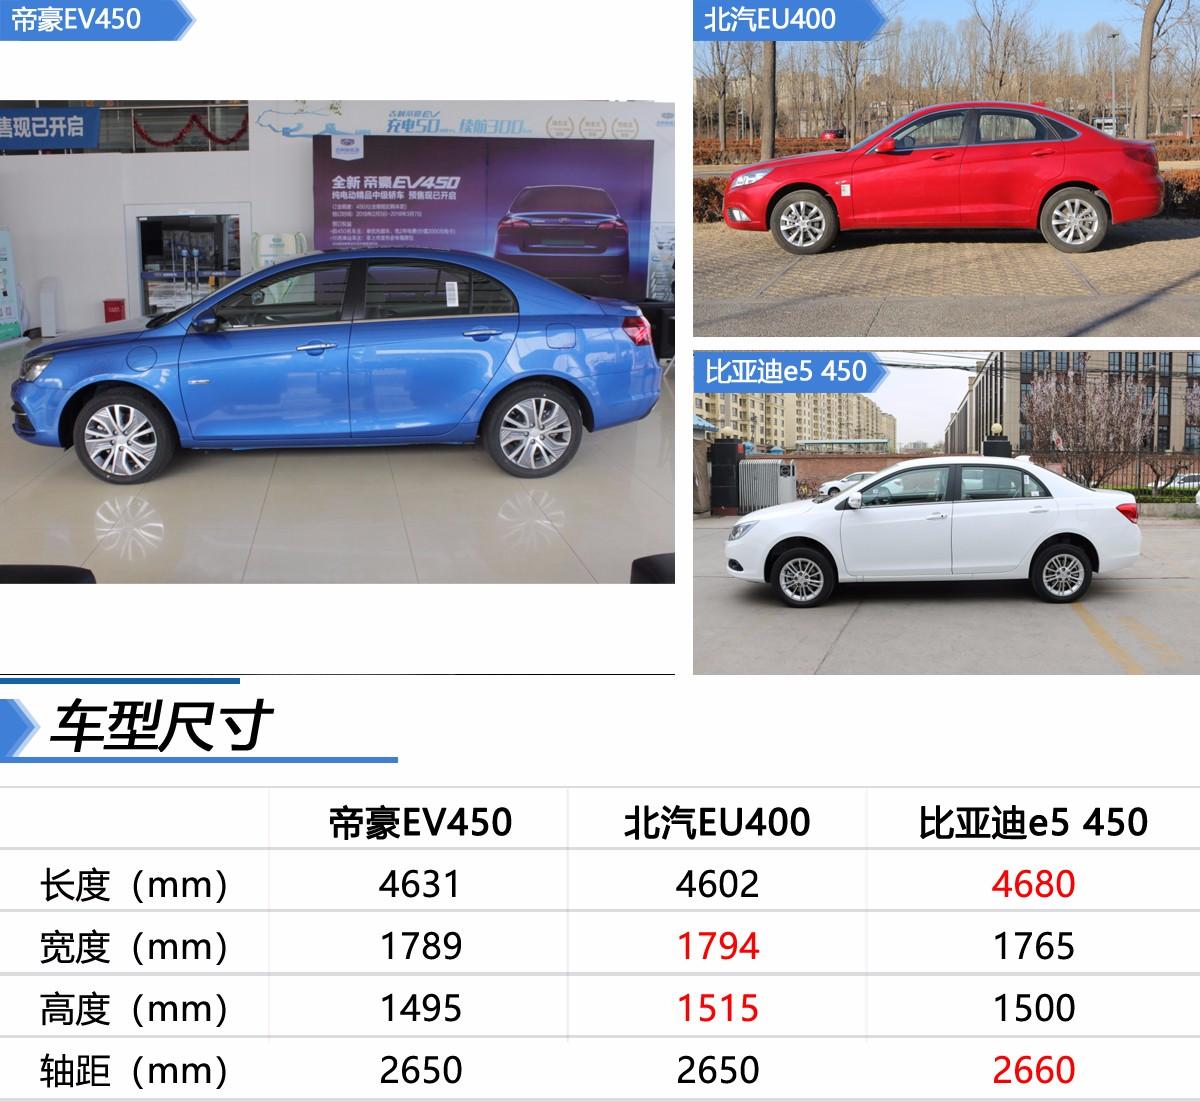 高颜值与高实用的碰撞 三款主流纯电动车静态对比